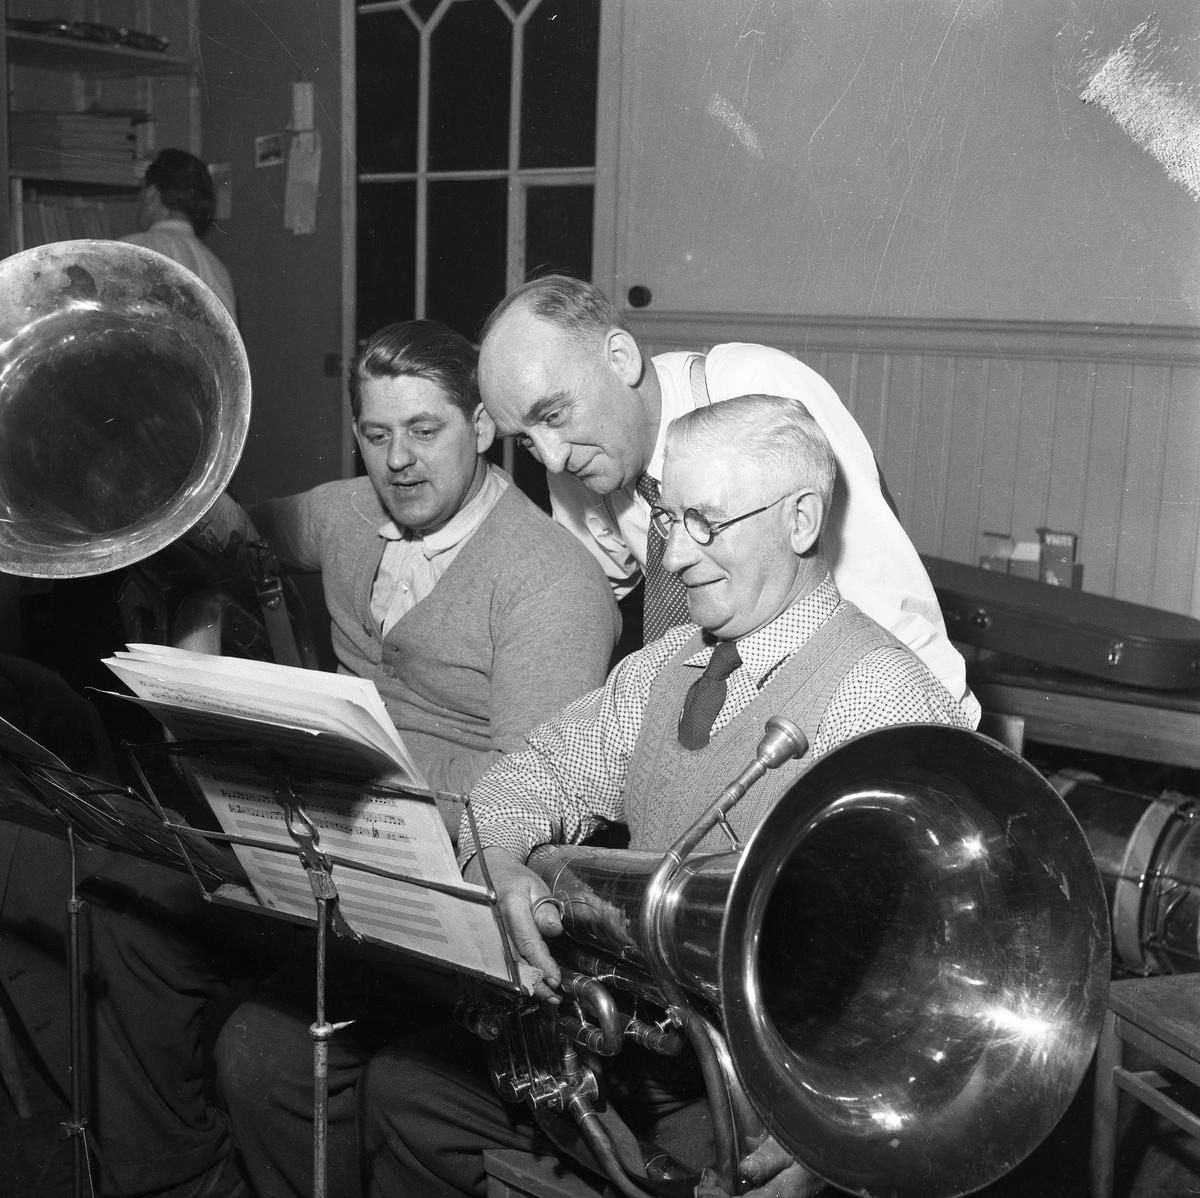 """Arboga Blåsorkester repeterar med musikdirektör Yngve Kjerrgren från I 3 Örebro som instruktör. 1950-talet Männen med tuborna heter Nils Jönsson (till vänster) och Harald """"Hammars-Harald"""" Andersson (till höger)  Män med musikinstrument, notställ och noter."""